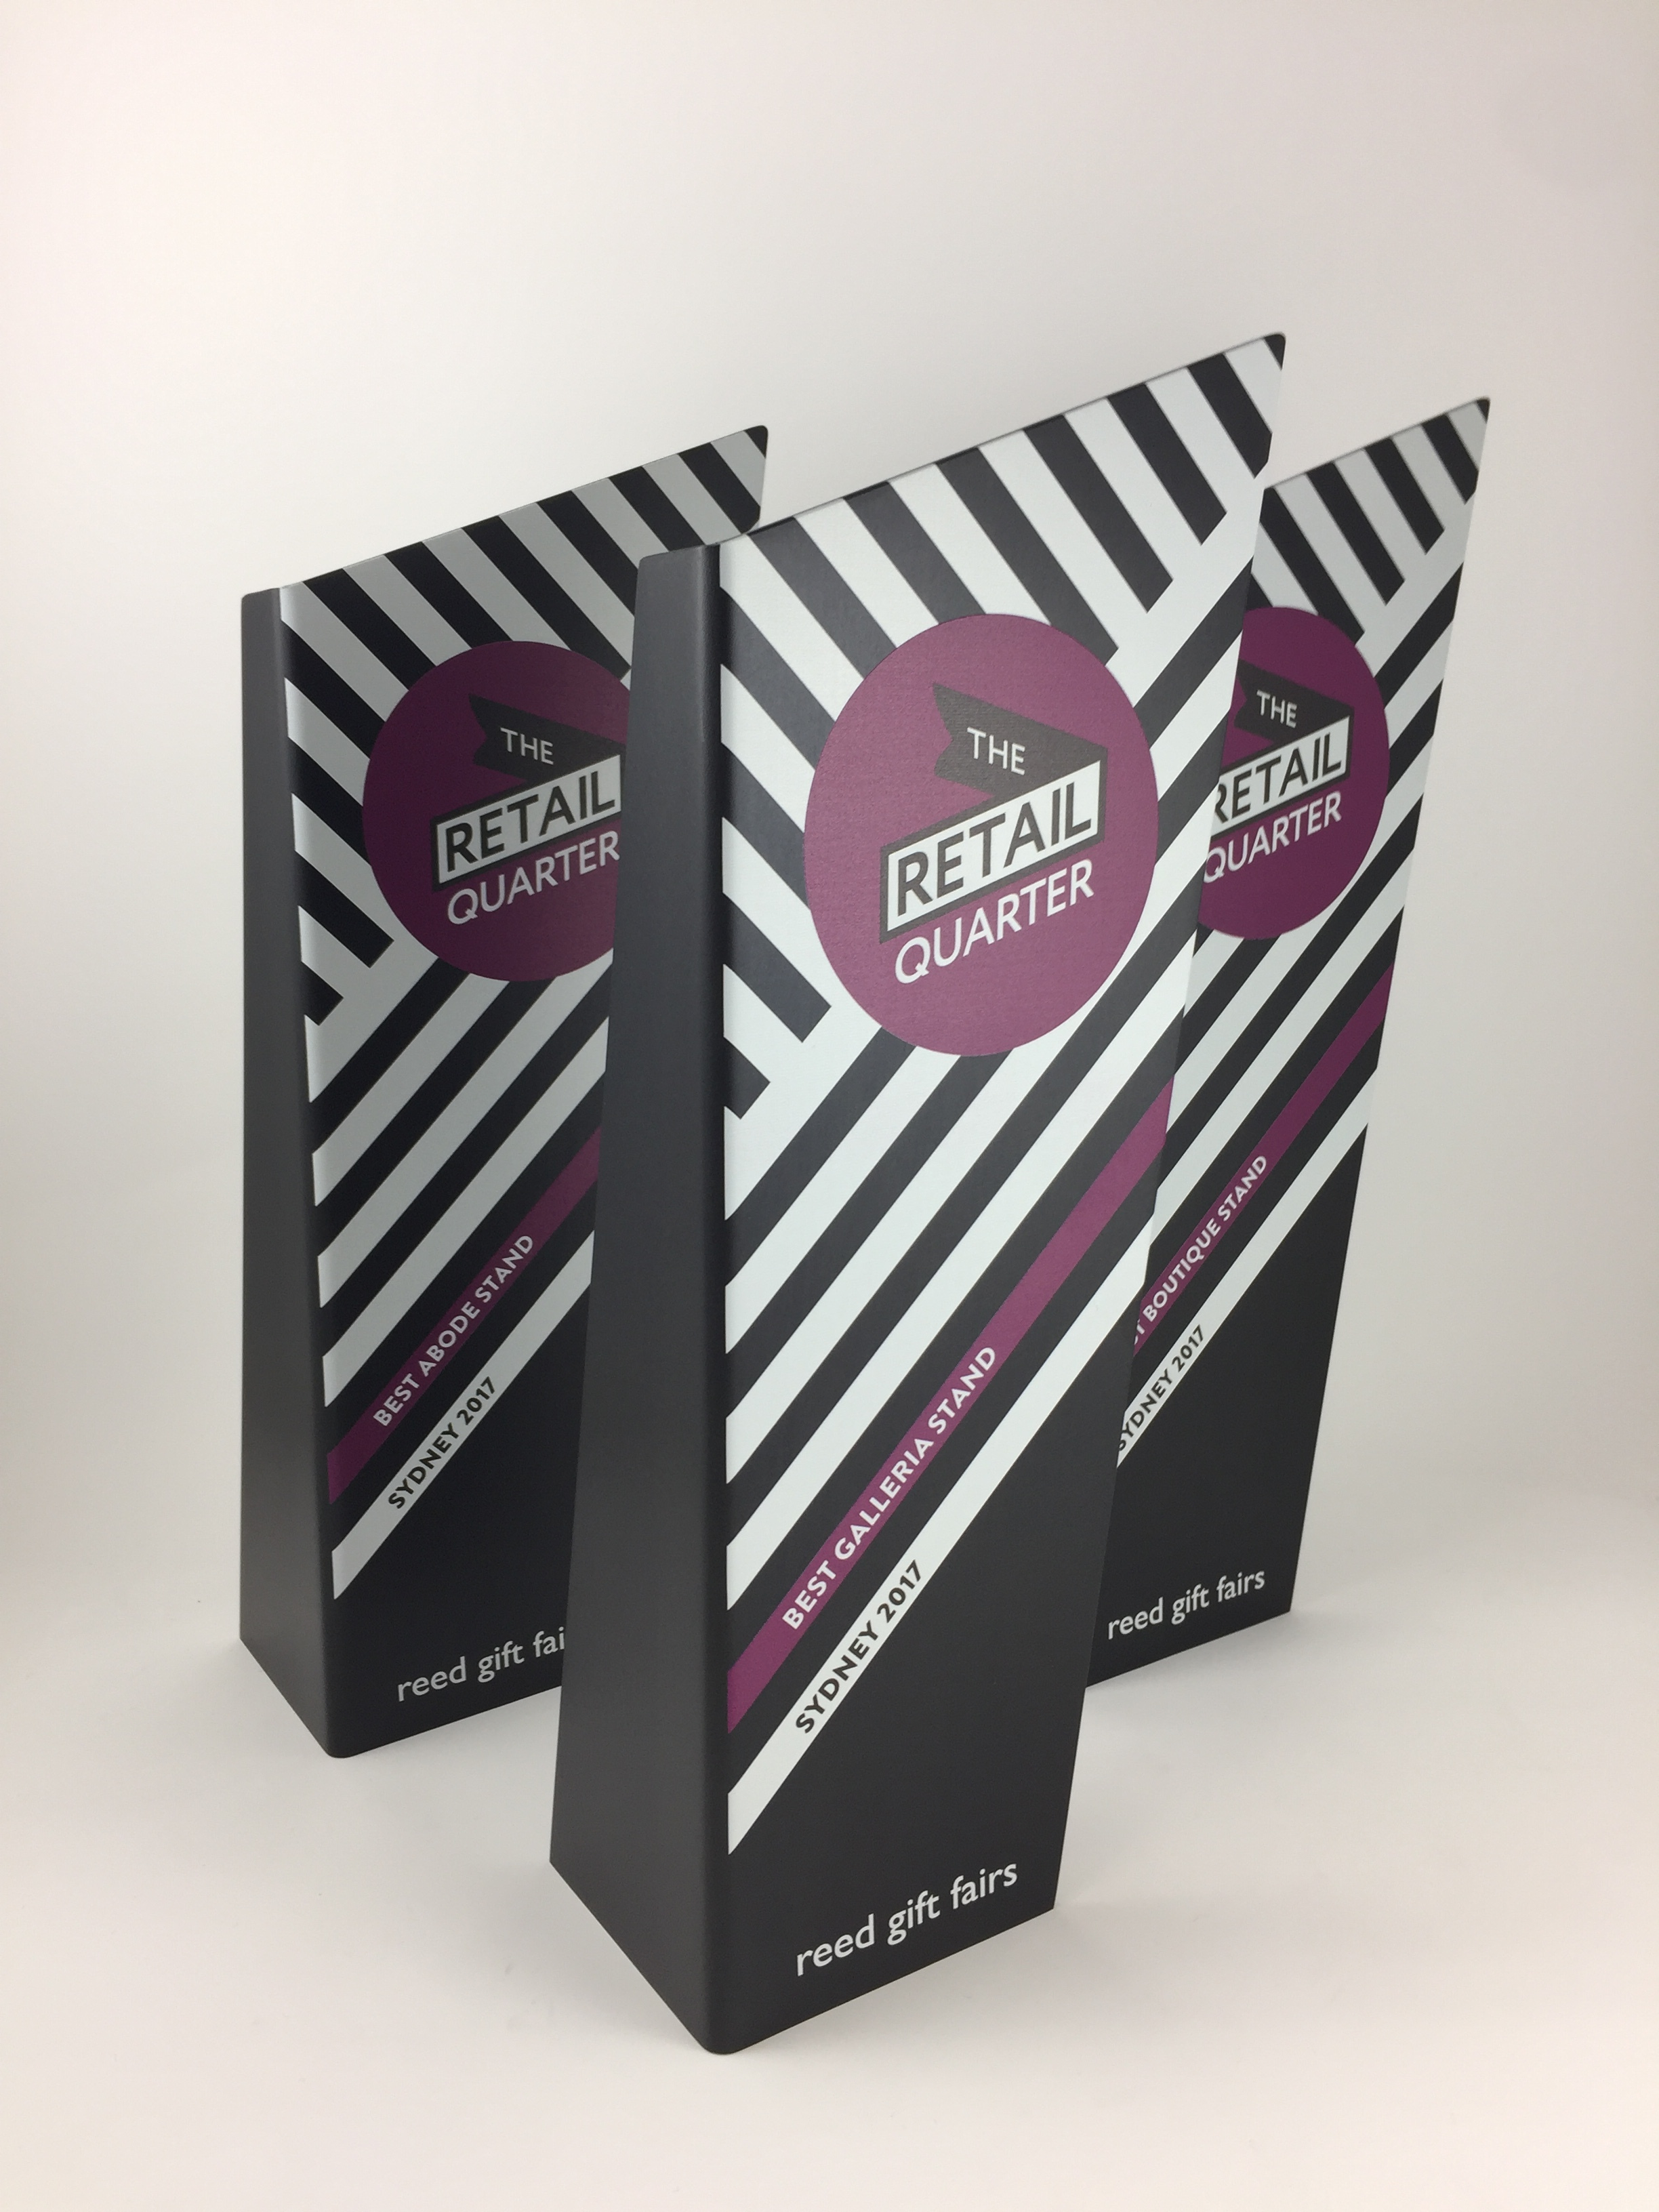 reed-gift-fairs-aluminium-trophy-award-06.jpg